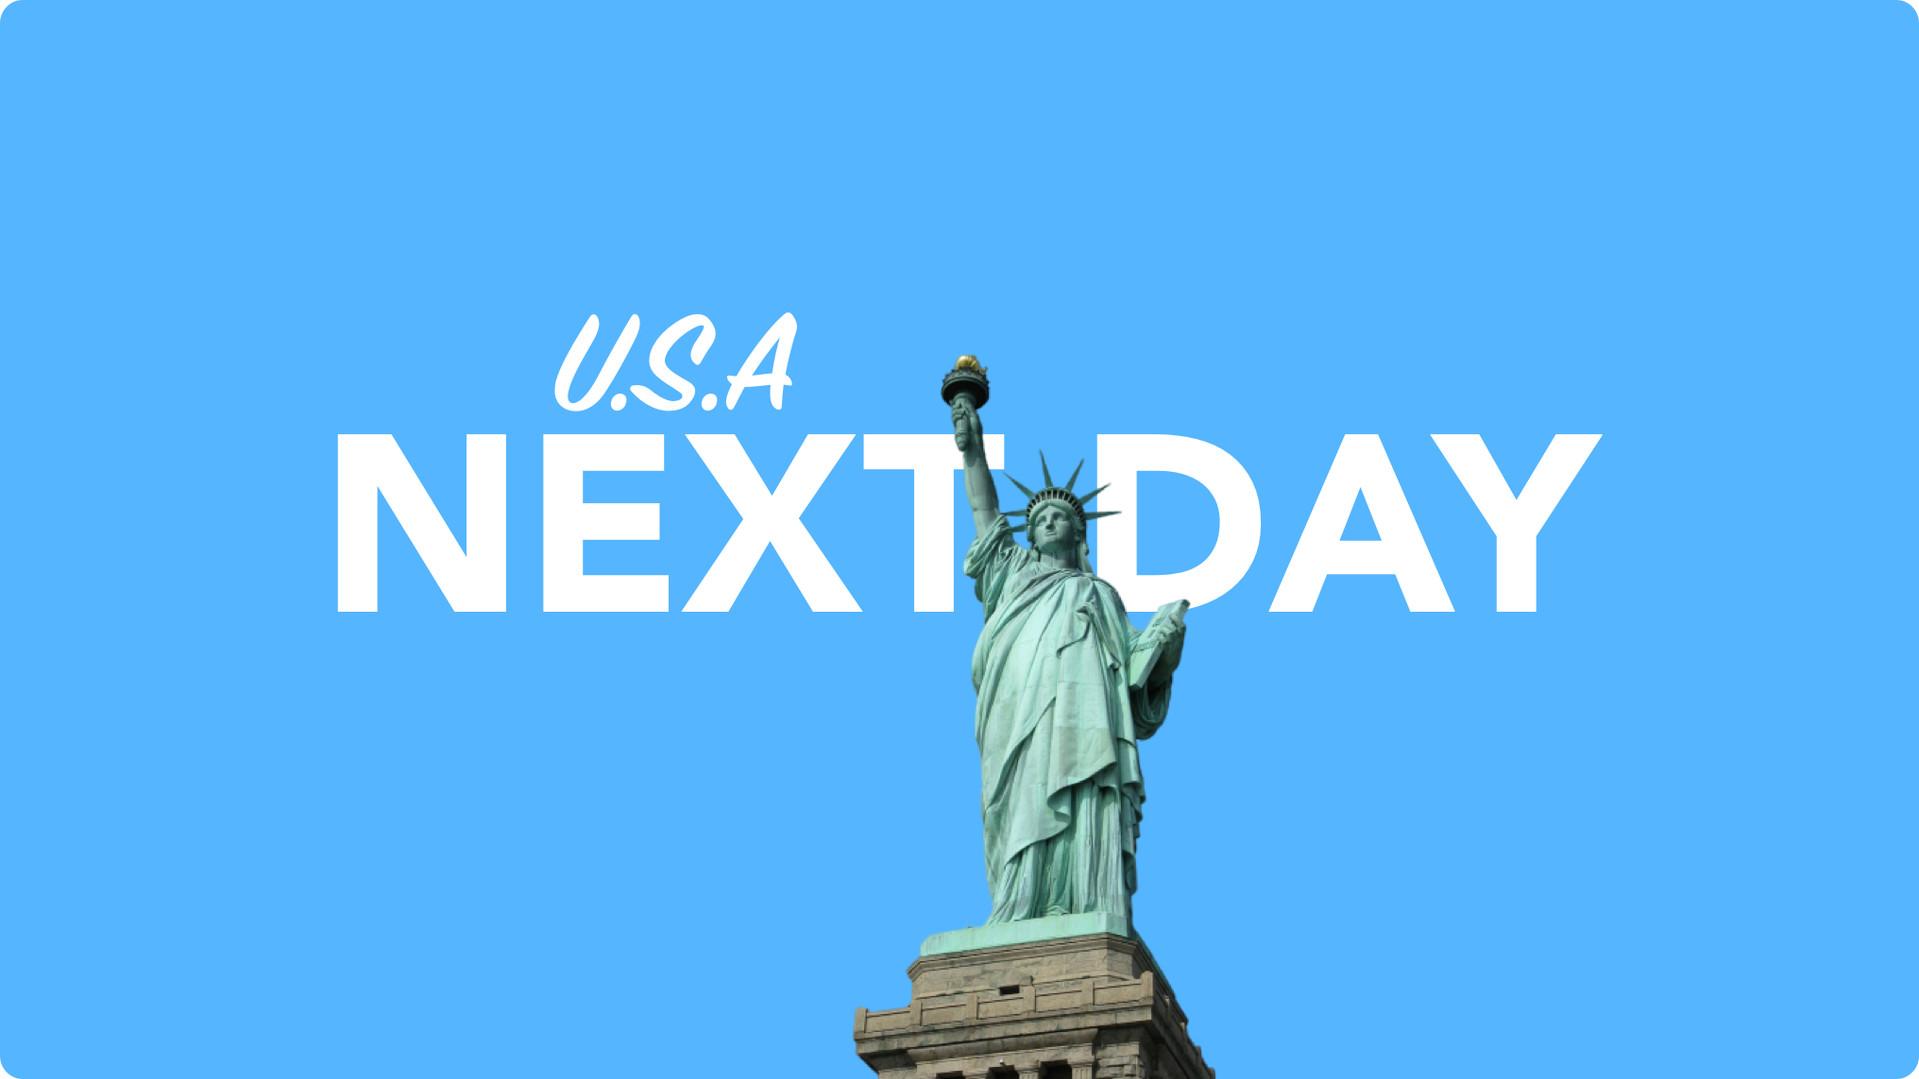 USA Next Day 4xpress.com